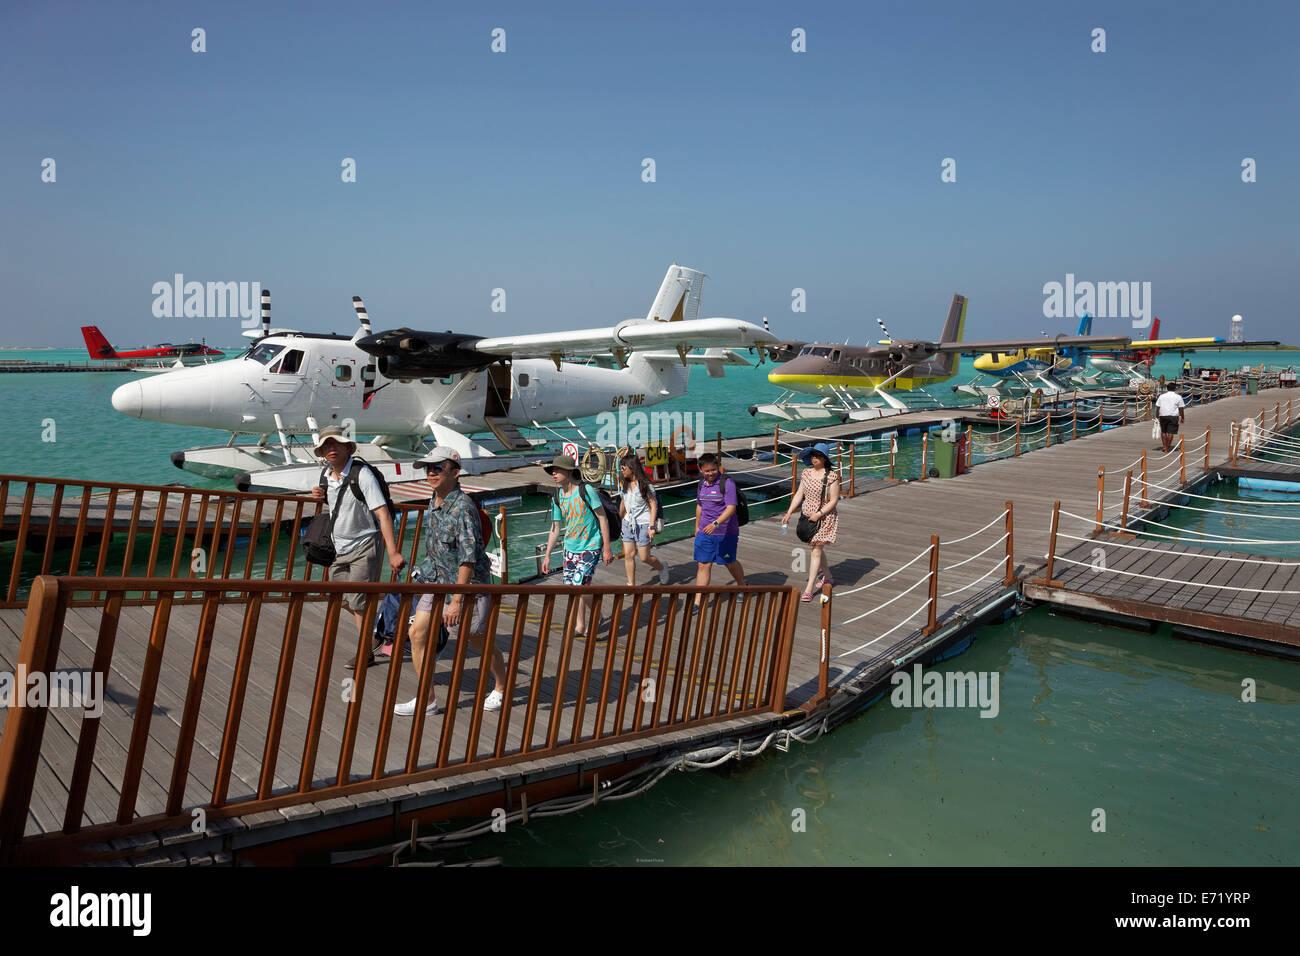 Touristen verlassen den Ponton mit Wasserflugzeuge festgemacht, De Havilland Canada DHC-6 300 Twin Otter, Malé Stockbild